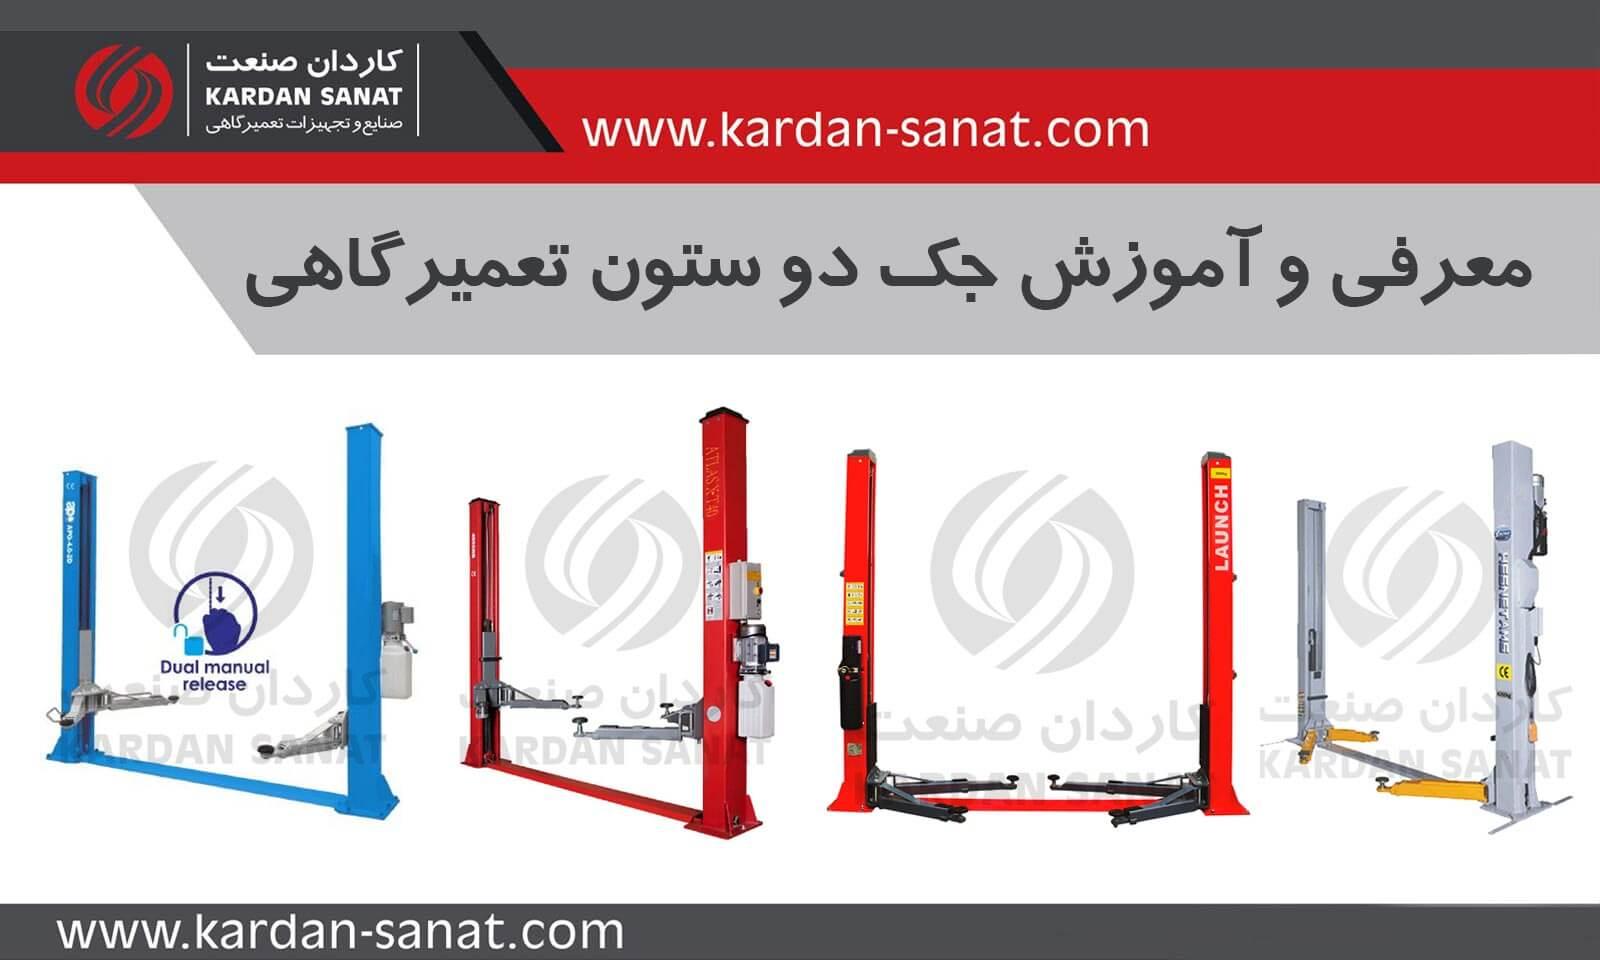 معرفی ، آموزش ، قیمت و فروش جک دو ستون تعمیرگاهی کاردان صنعت